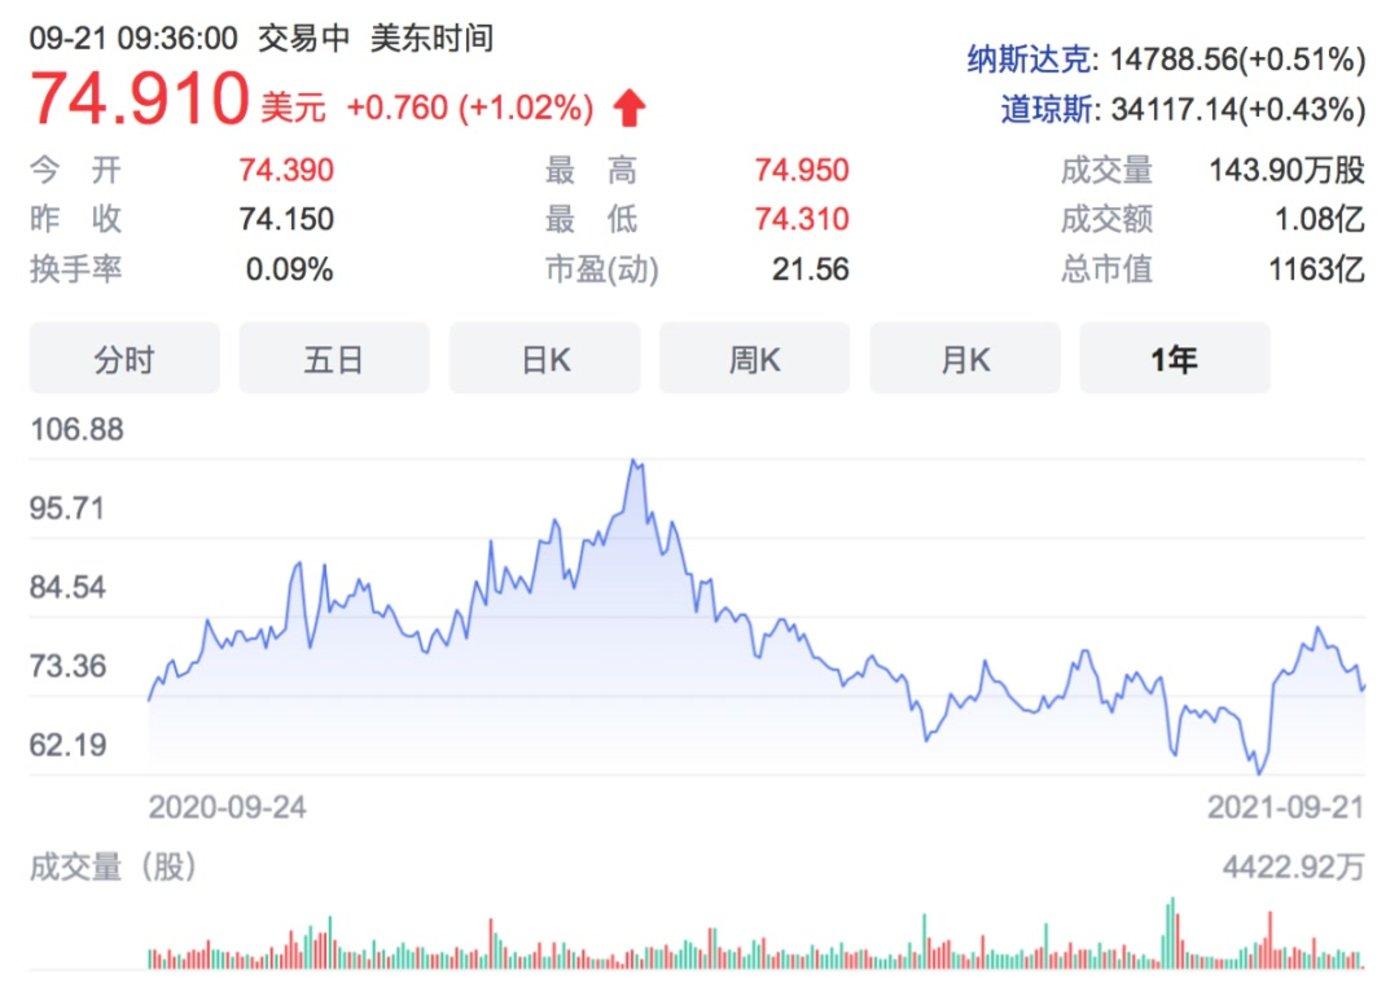 ▲图:近一年来京东股价走势